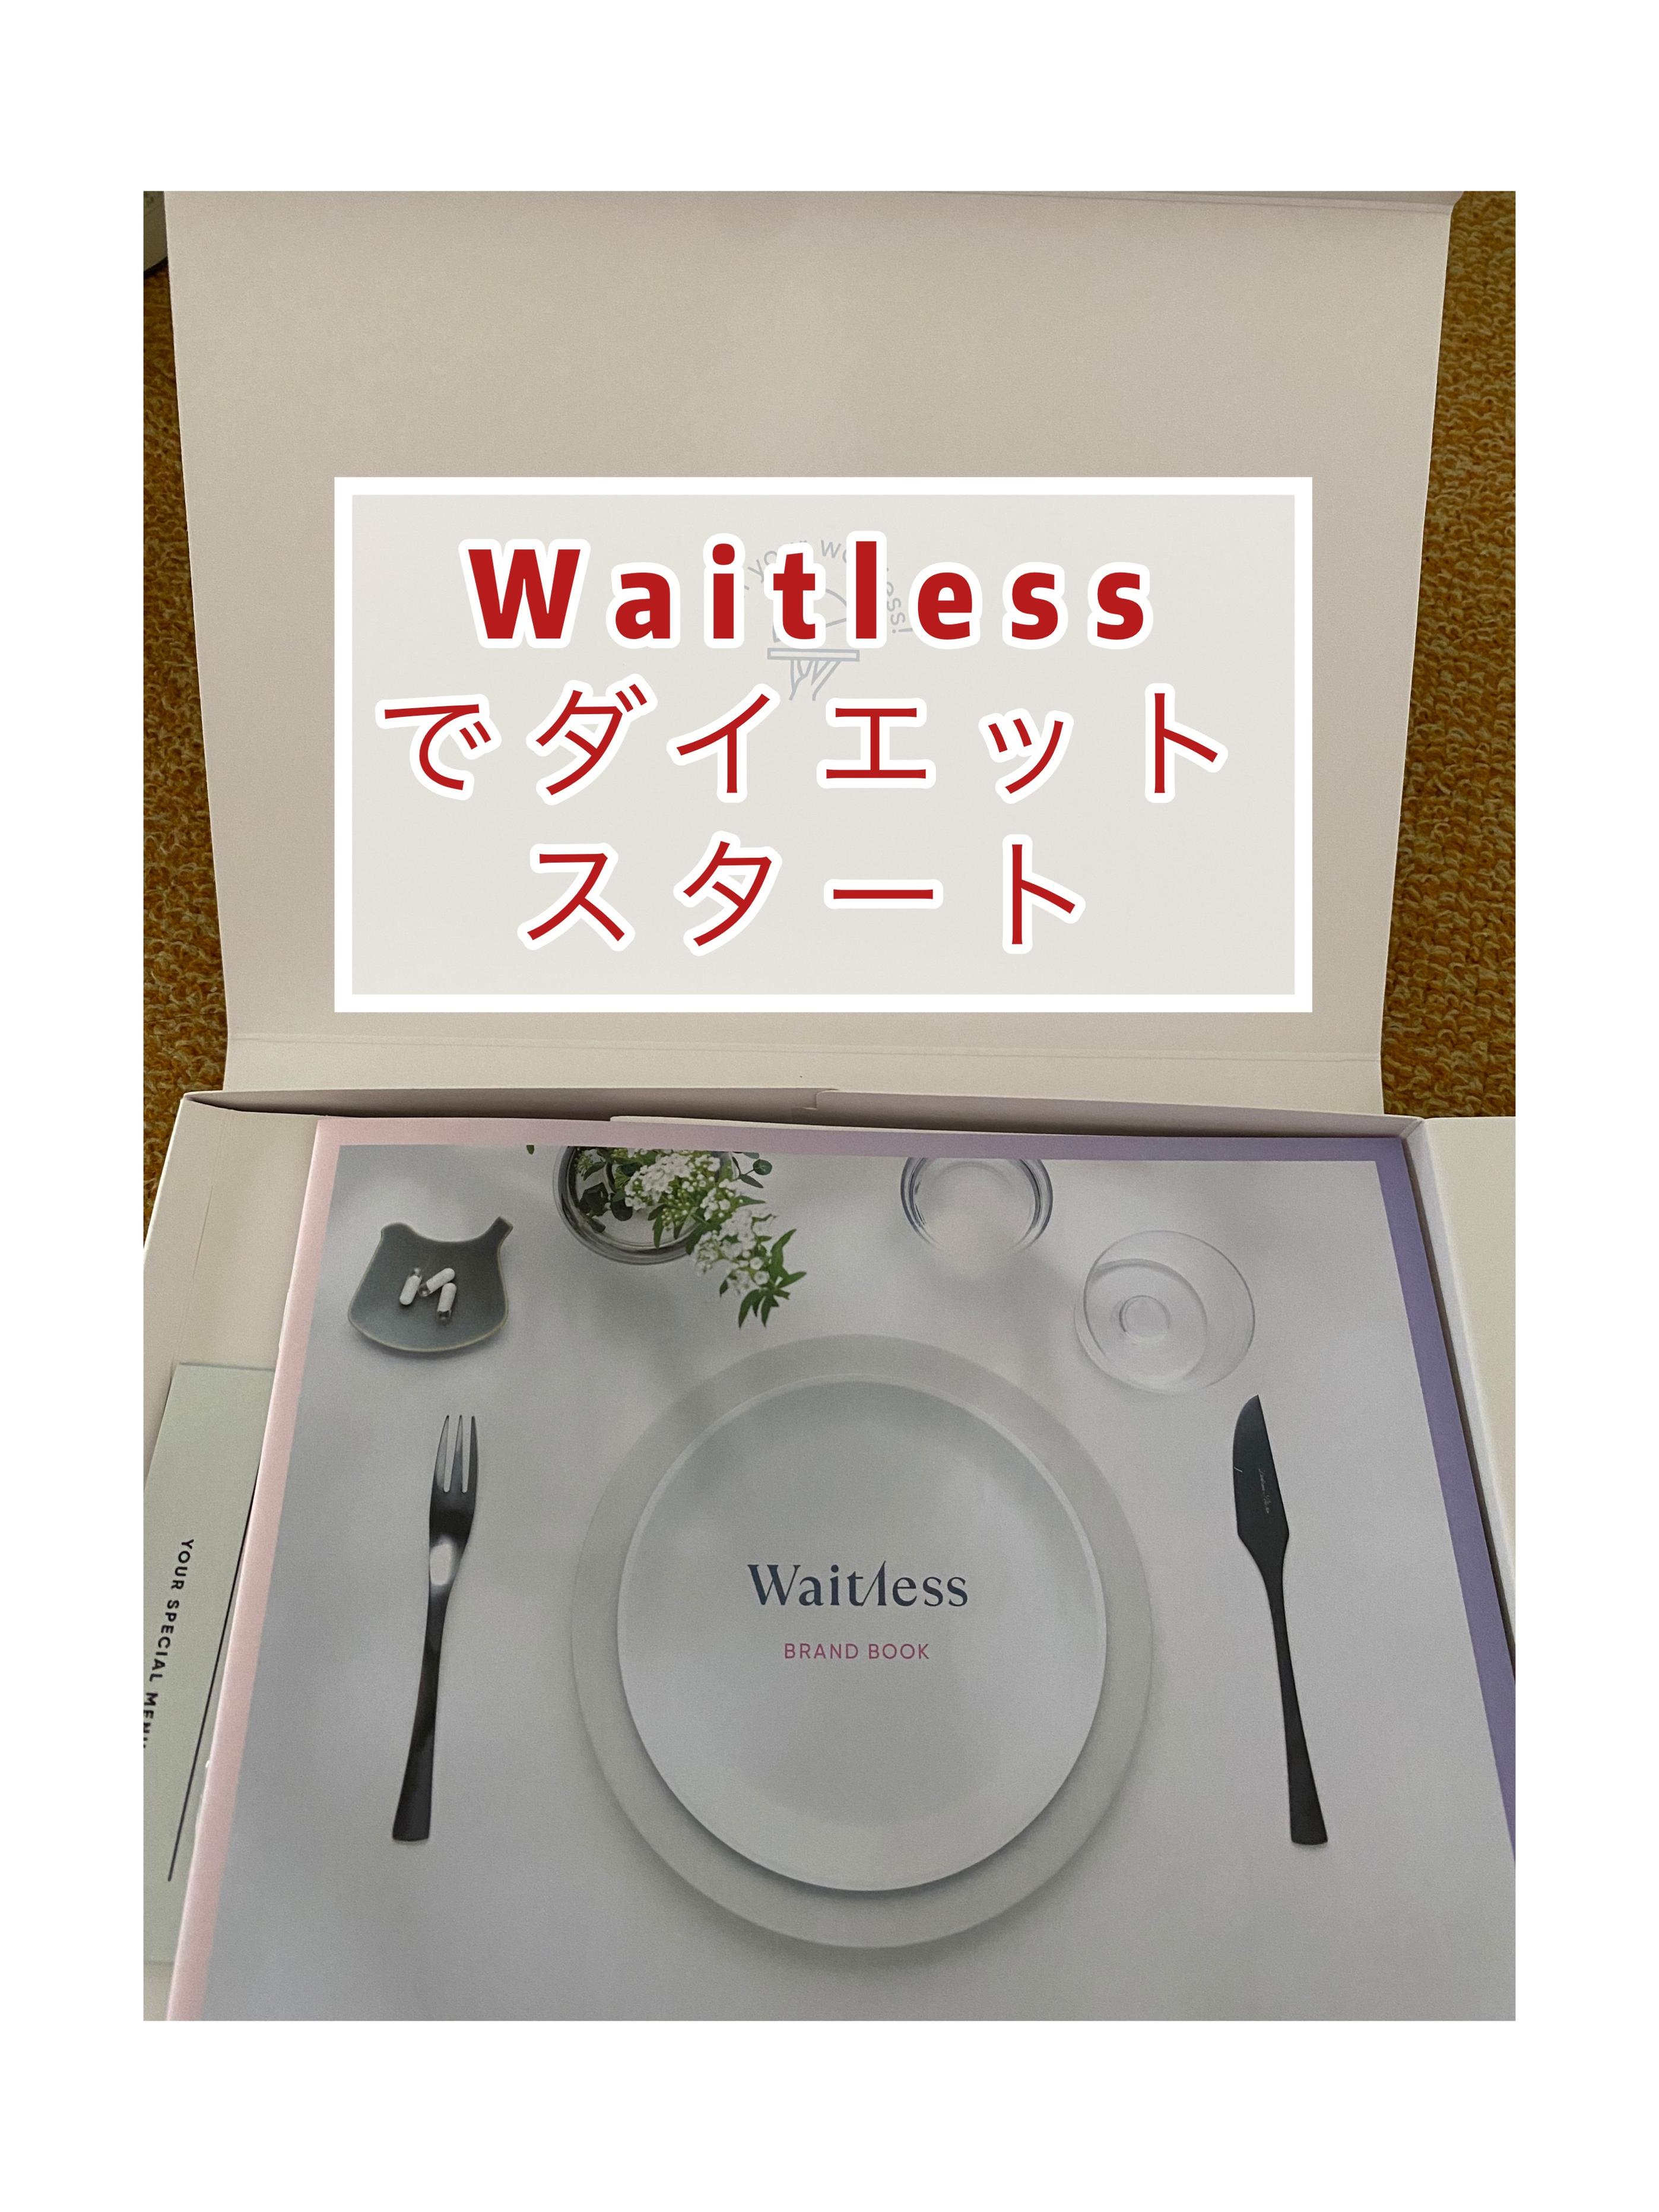 Waitless(ウェイトレス) ダイエット プログラム & サプリメント 2種の良い点・メリットに関するマイピコブーさんの口コミ画像2